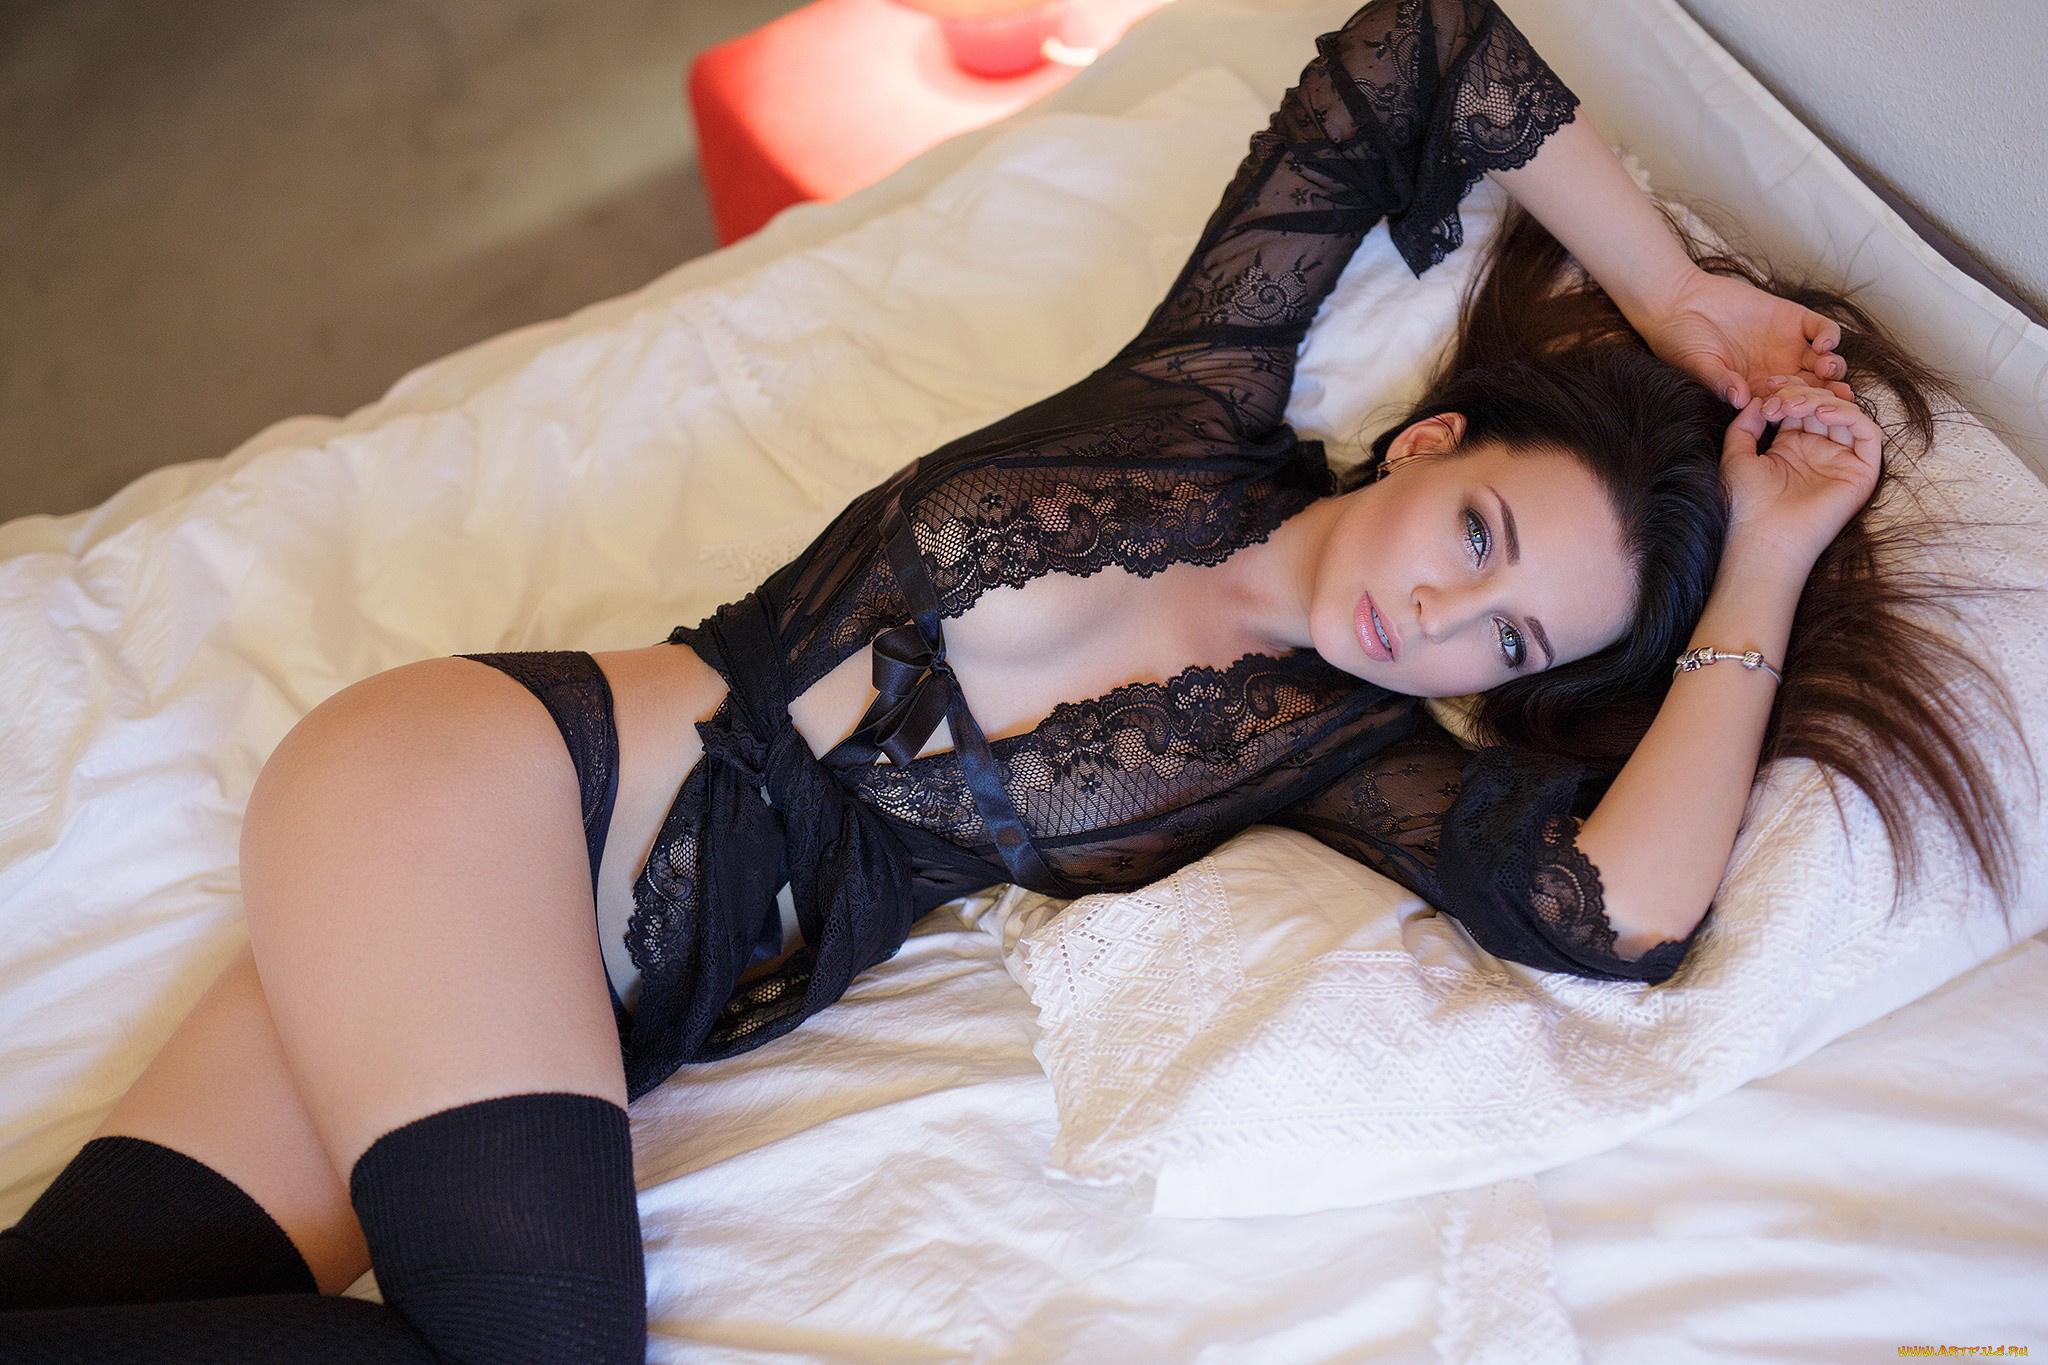 Шлюхи питер узбечки, Восточные проститутки Питера - японки, китаянки 15 фотография